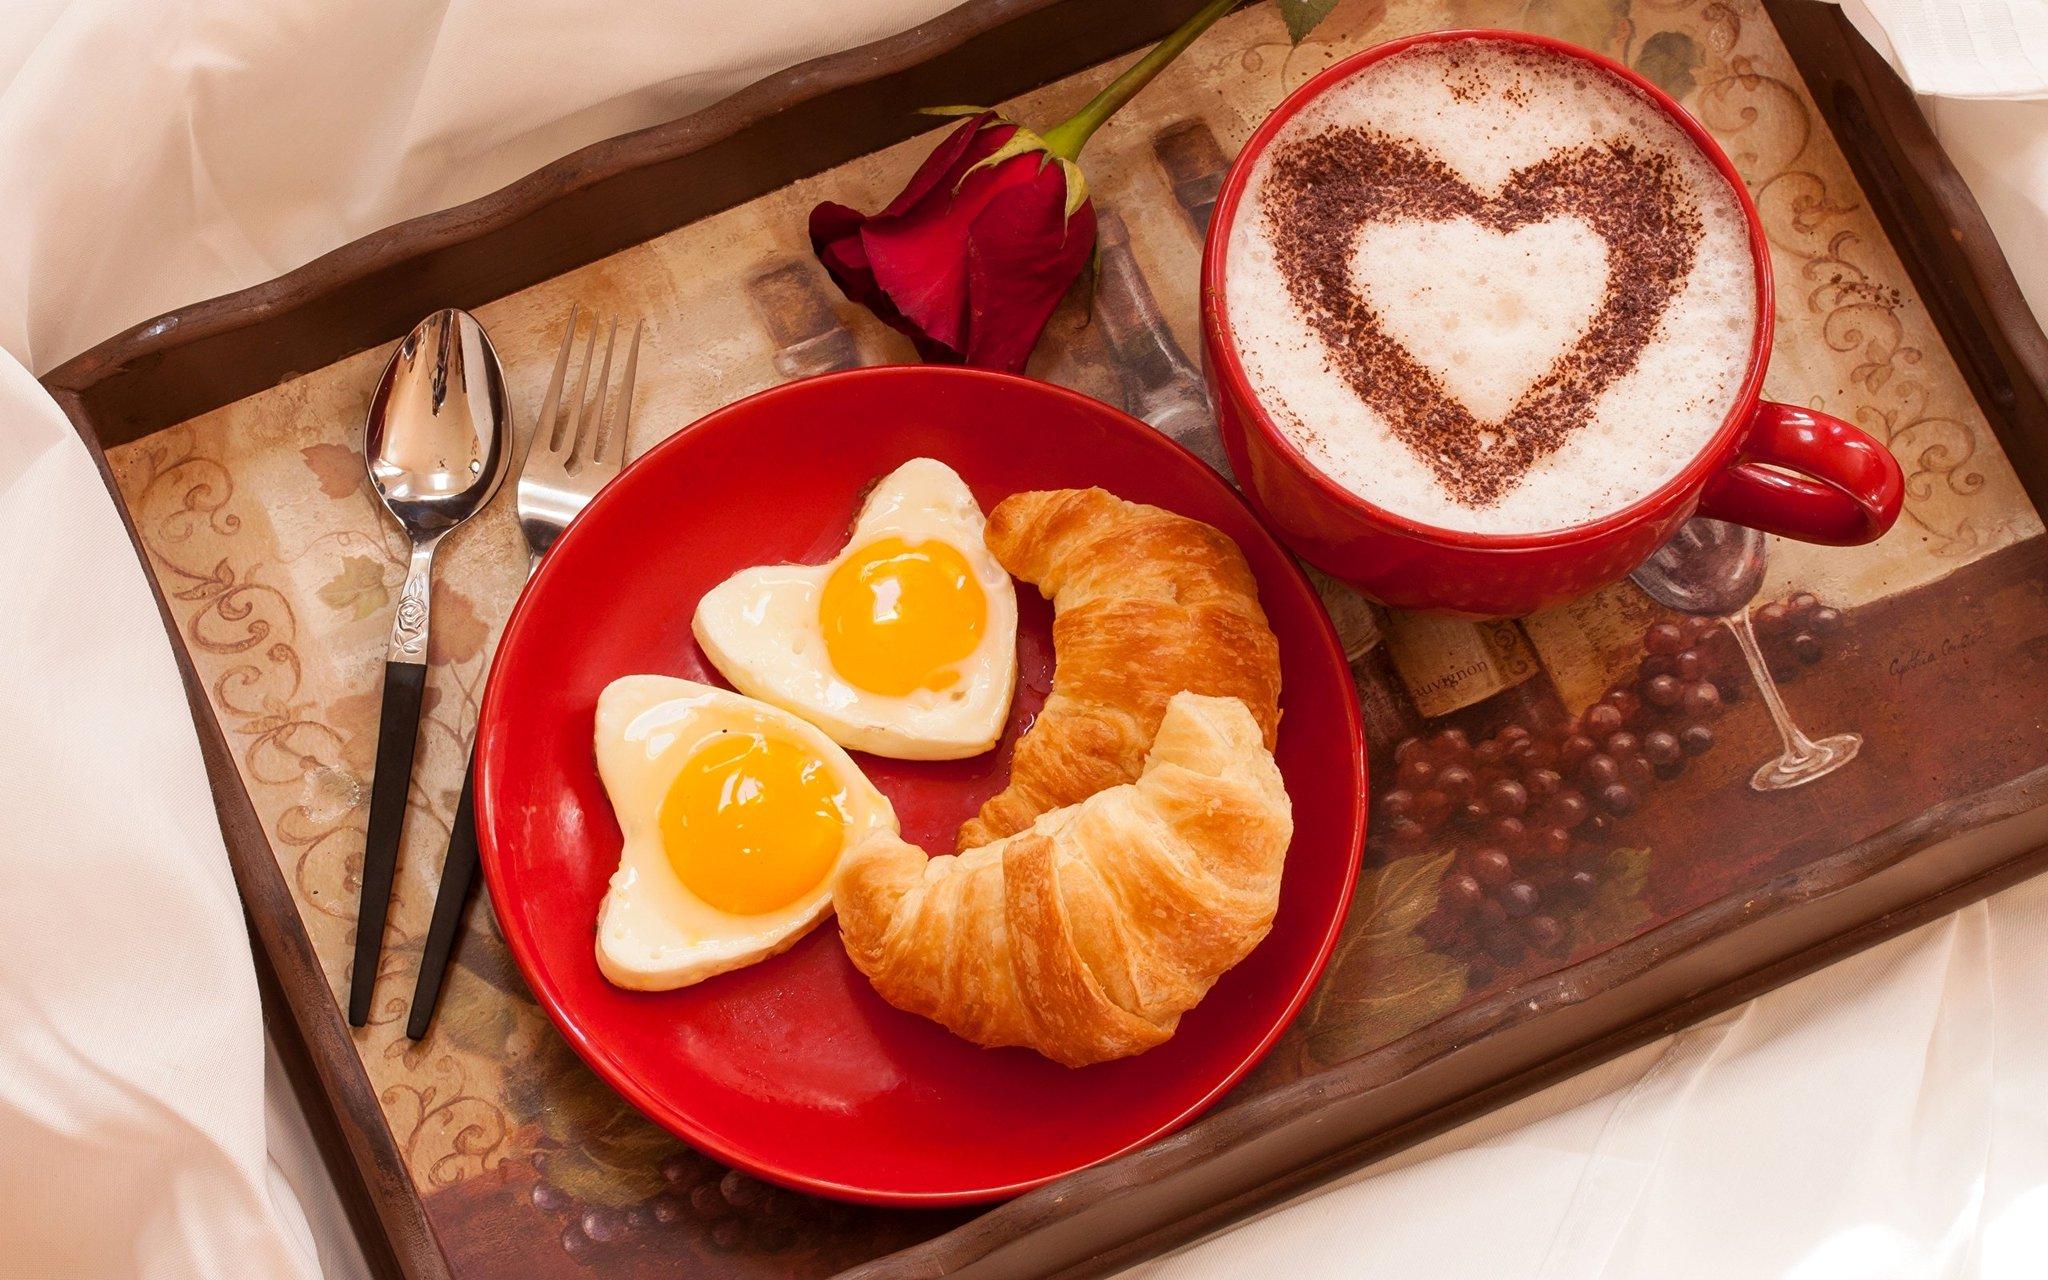 Прикольные картинки с завтраком и с добрым утром, награды для детей